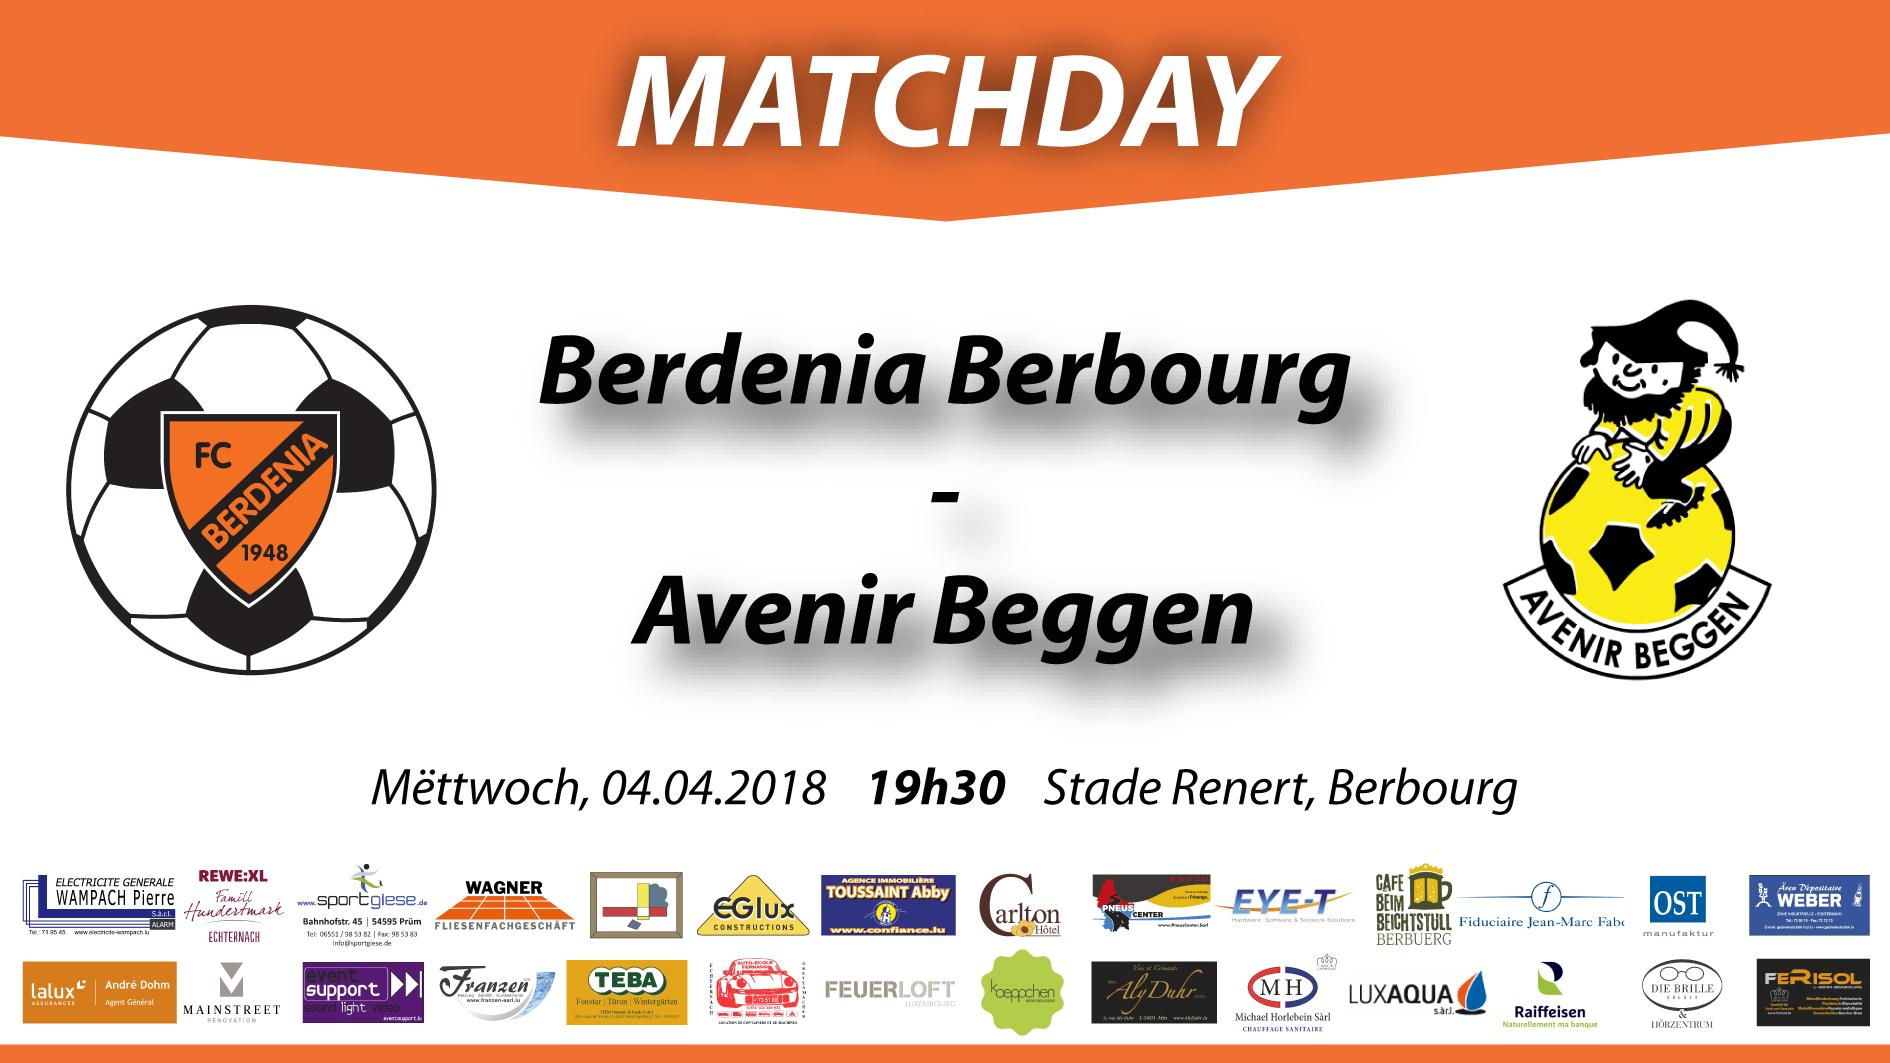 Matchday: FC Berdenia Berbourg - FC Avenir Beggen